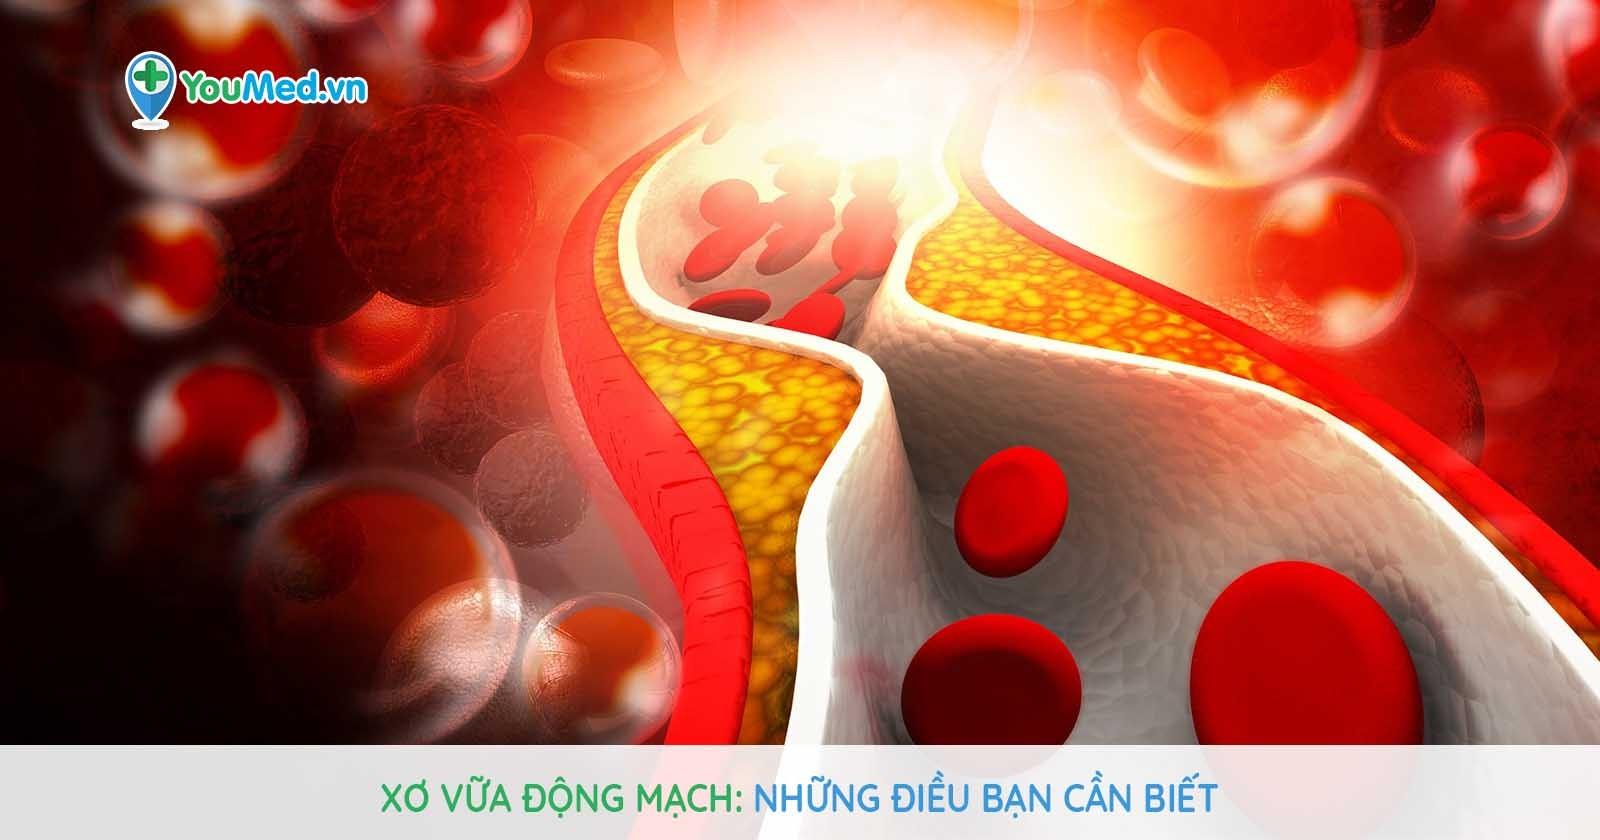 Xơ vữa động mạch - Những điều bạn cần biết